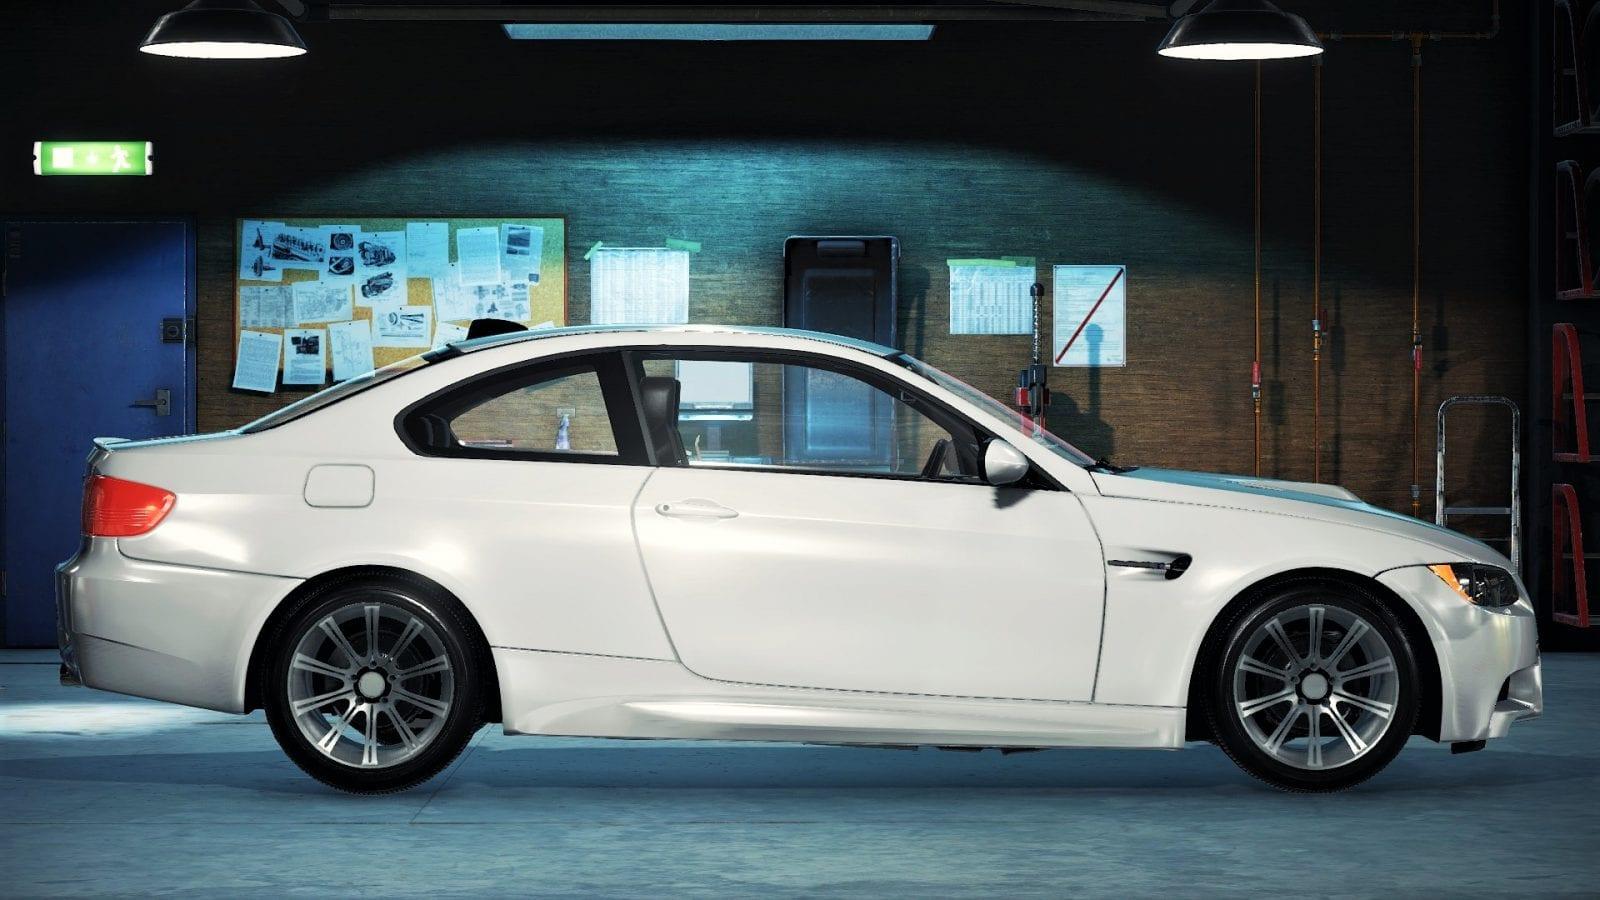 BMW M3 E92 2008 Mod for Car Mechanic Simulator 2018